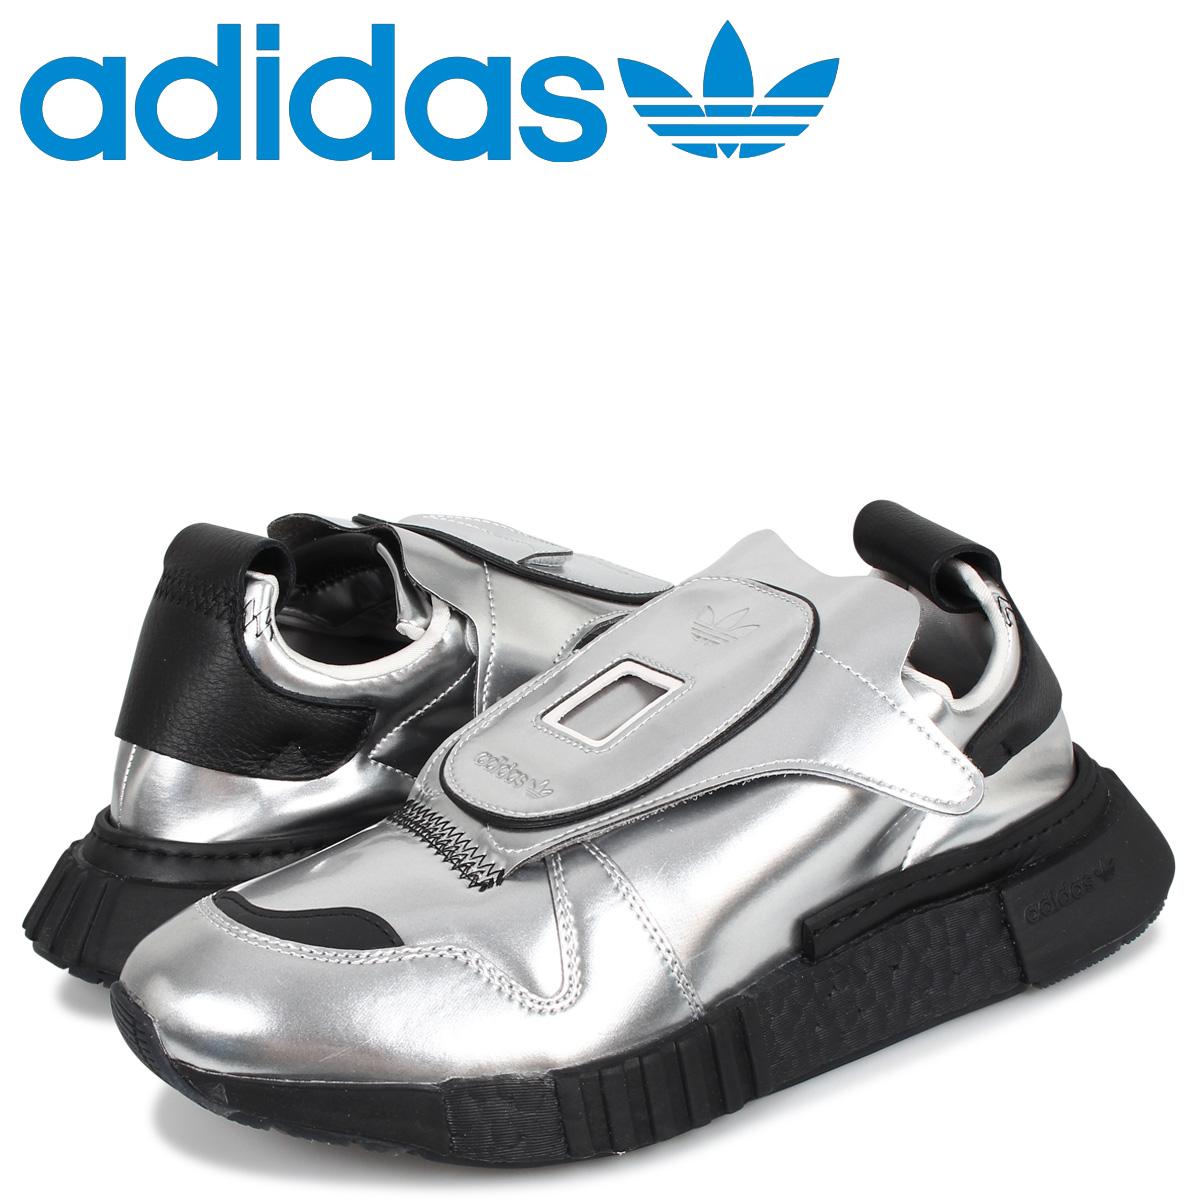 アディダス オリジナルス adidas Originals フューチャーペーサー スニーカー メンズ FUTURPACER シルバー EE5002